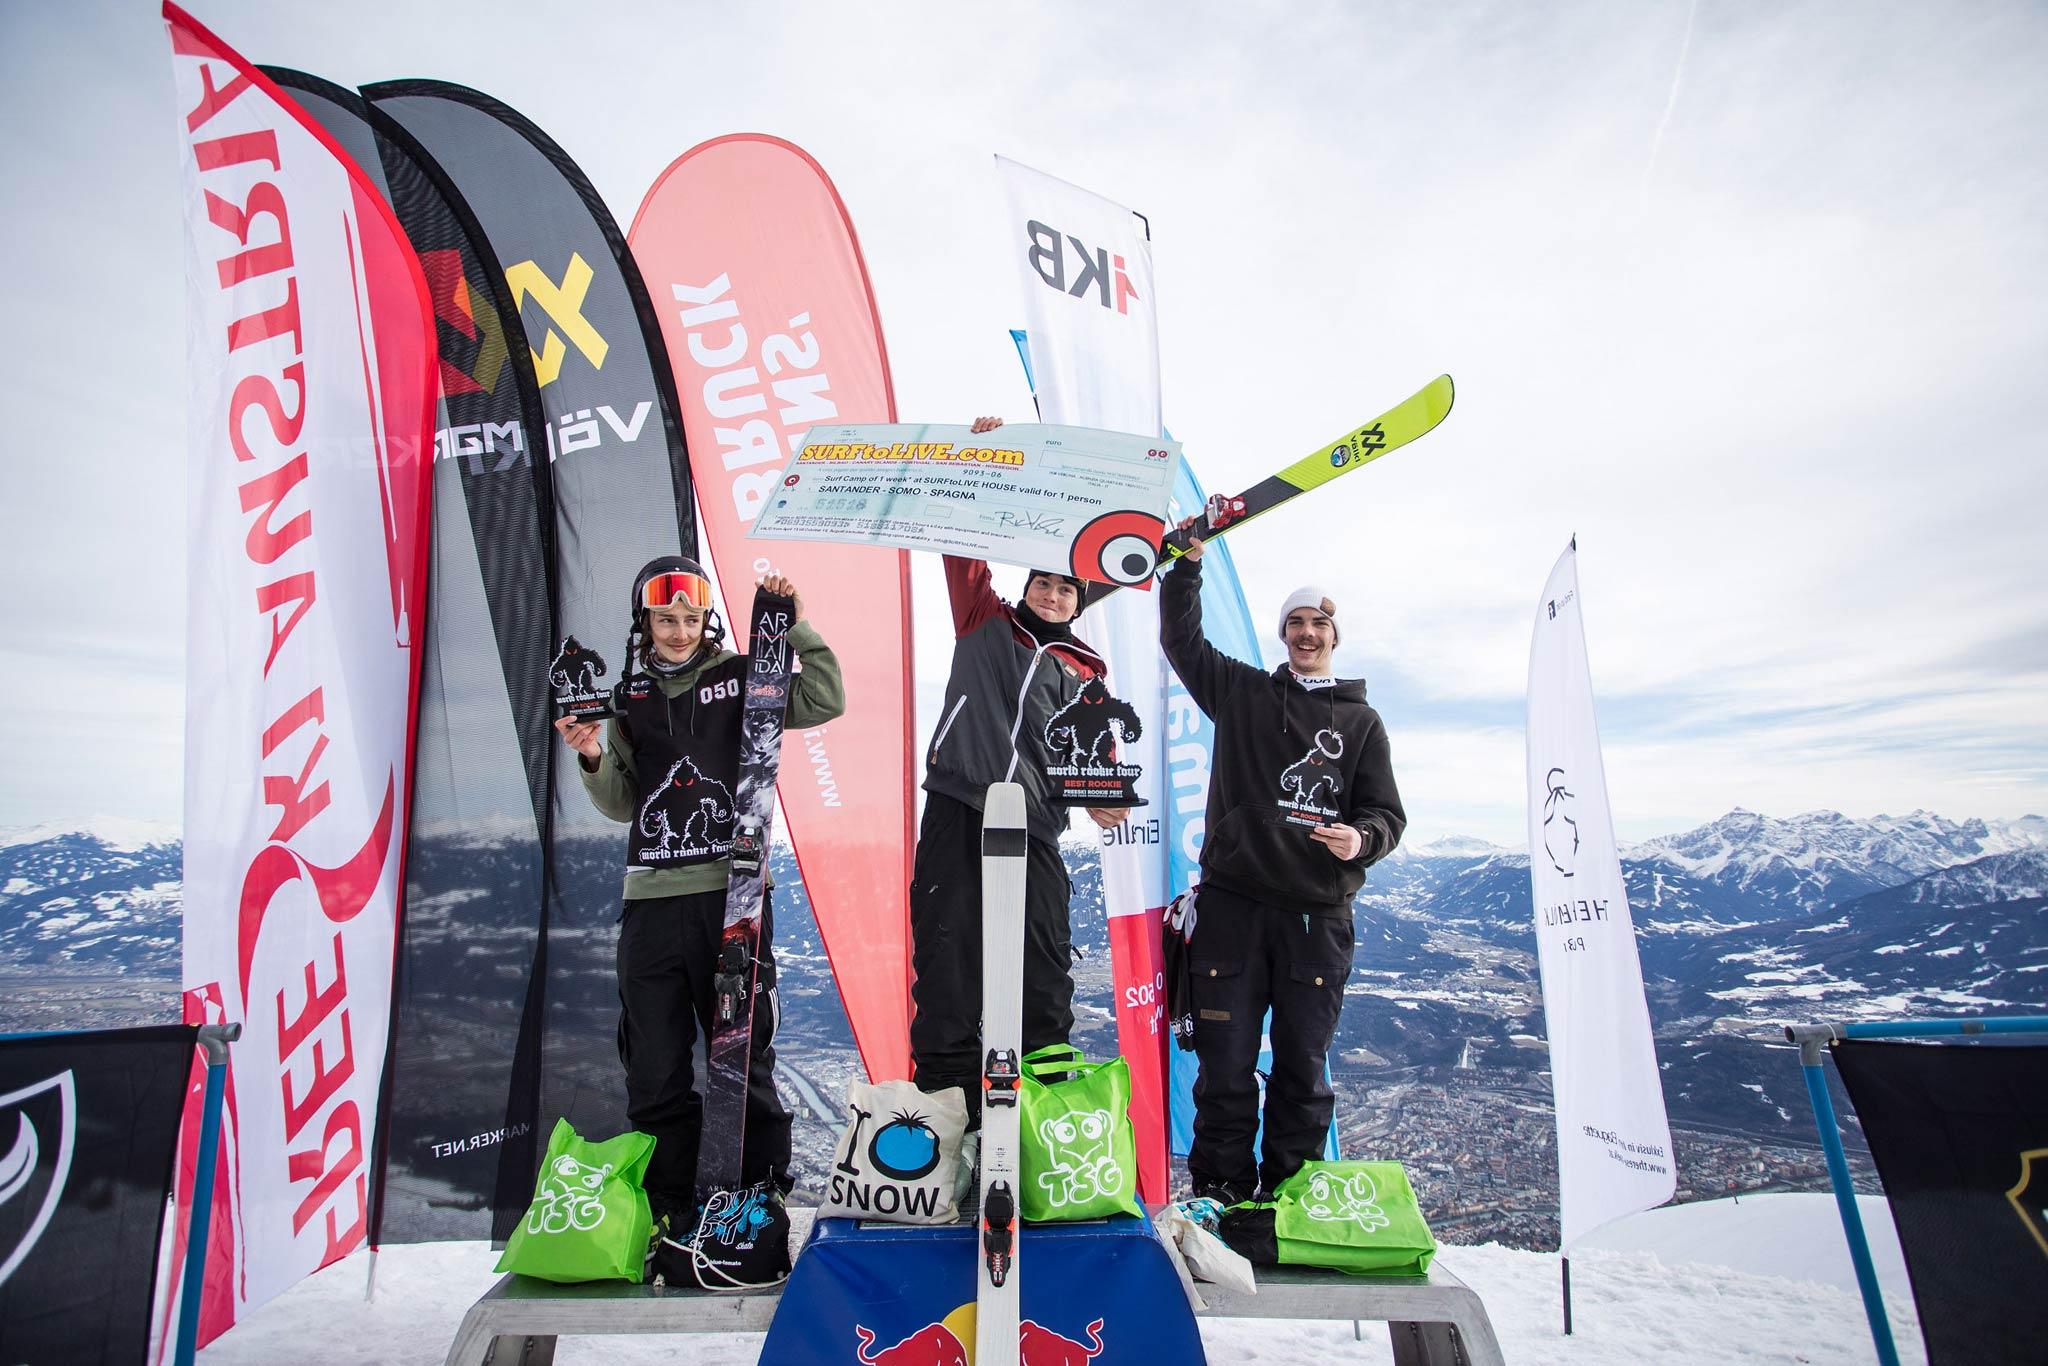 Nicco Huber aus Österreich gewinnt die Rookies (U19) Wertung, wird österreichischer Junioren Meister und qualifiziert sich damit für das Freeski World Rookie Finale auf der Seiser Alm (Italien) - Foto: Simon Rainer